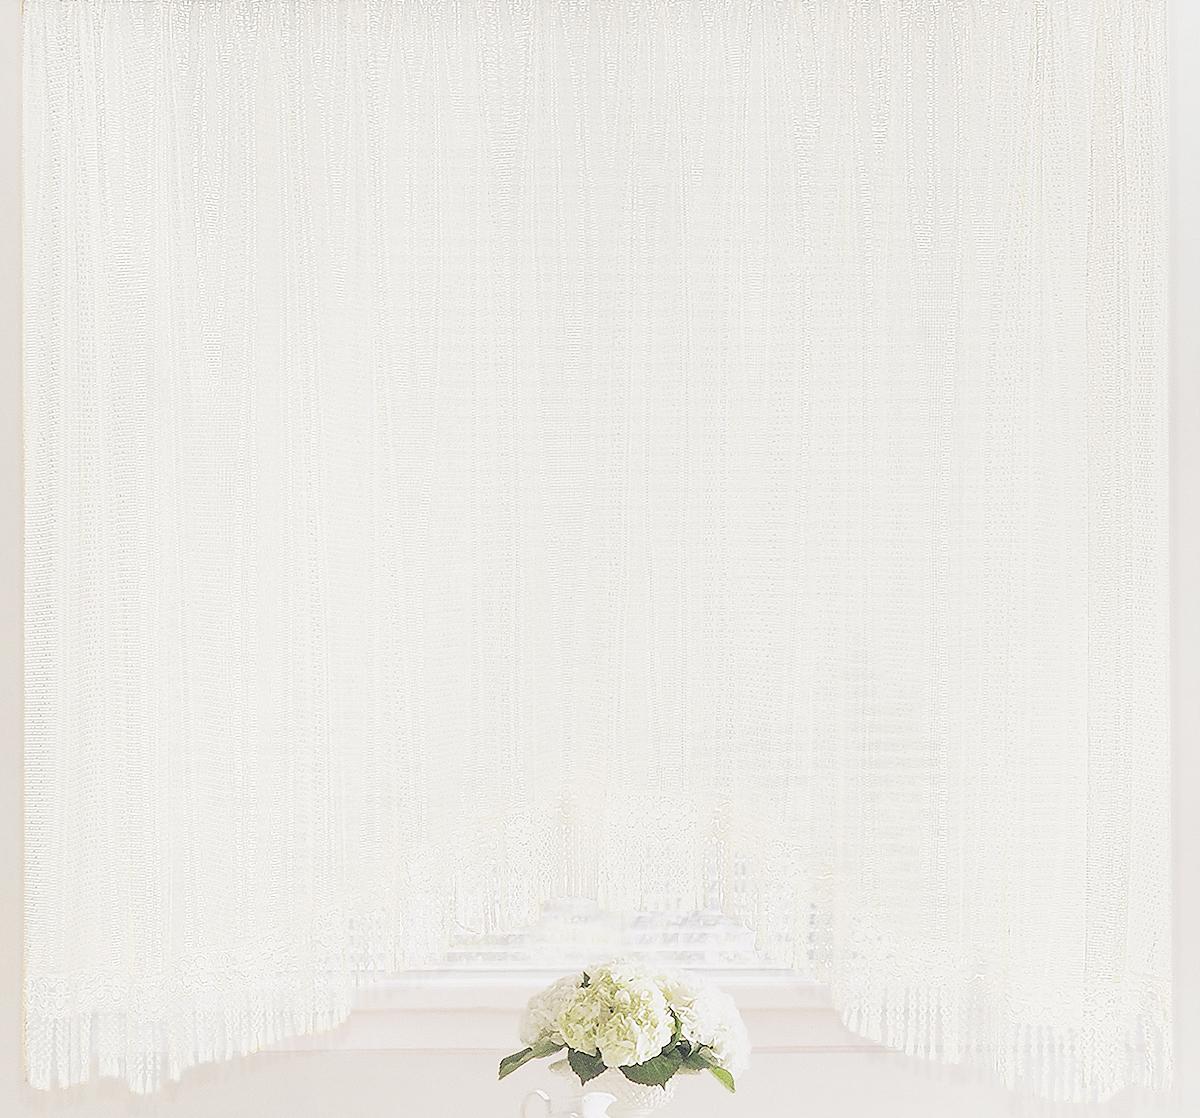 Штора-арка ТД Текстиль Капли росы, на ленте, цвет: белый, высота 165 см82650Штора-арка ТД Текстиль Капли росы великолепно украситлюбое окно. Штора выполнена из качественного сетчатогополиэстера и декорирована бахромой.Полупрозрачная ткань, оригинальный дизайн и приятнаяцветовая гамма привлекут к себе внимание и позволят штореорганично вписаться в интерьер помещения.Штора крепится на карниз при помощи шторной ленты, котораяпоможет красиво и равномерно задрапировать верх. Изделиеотлично подходит для кухни, столовой, спальни.